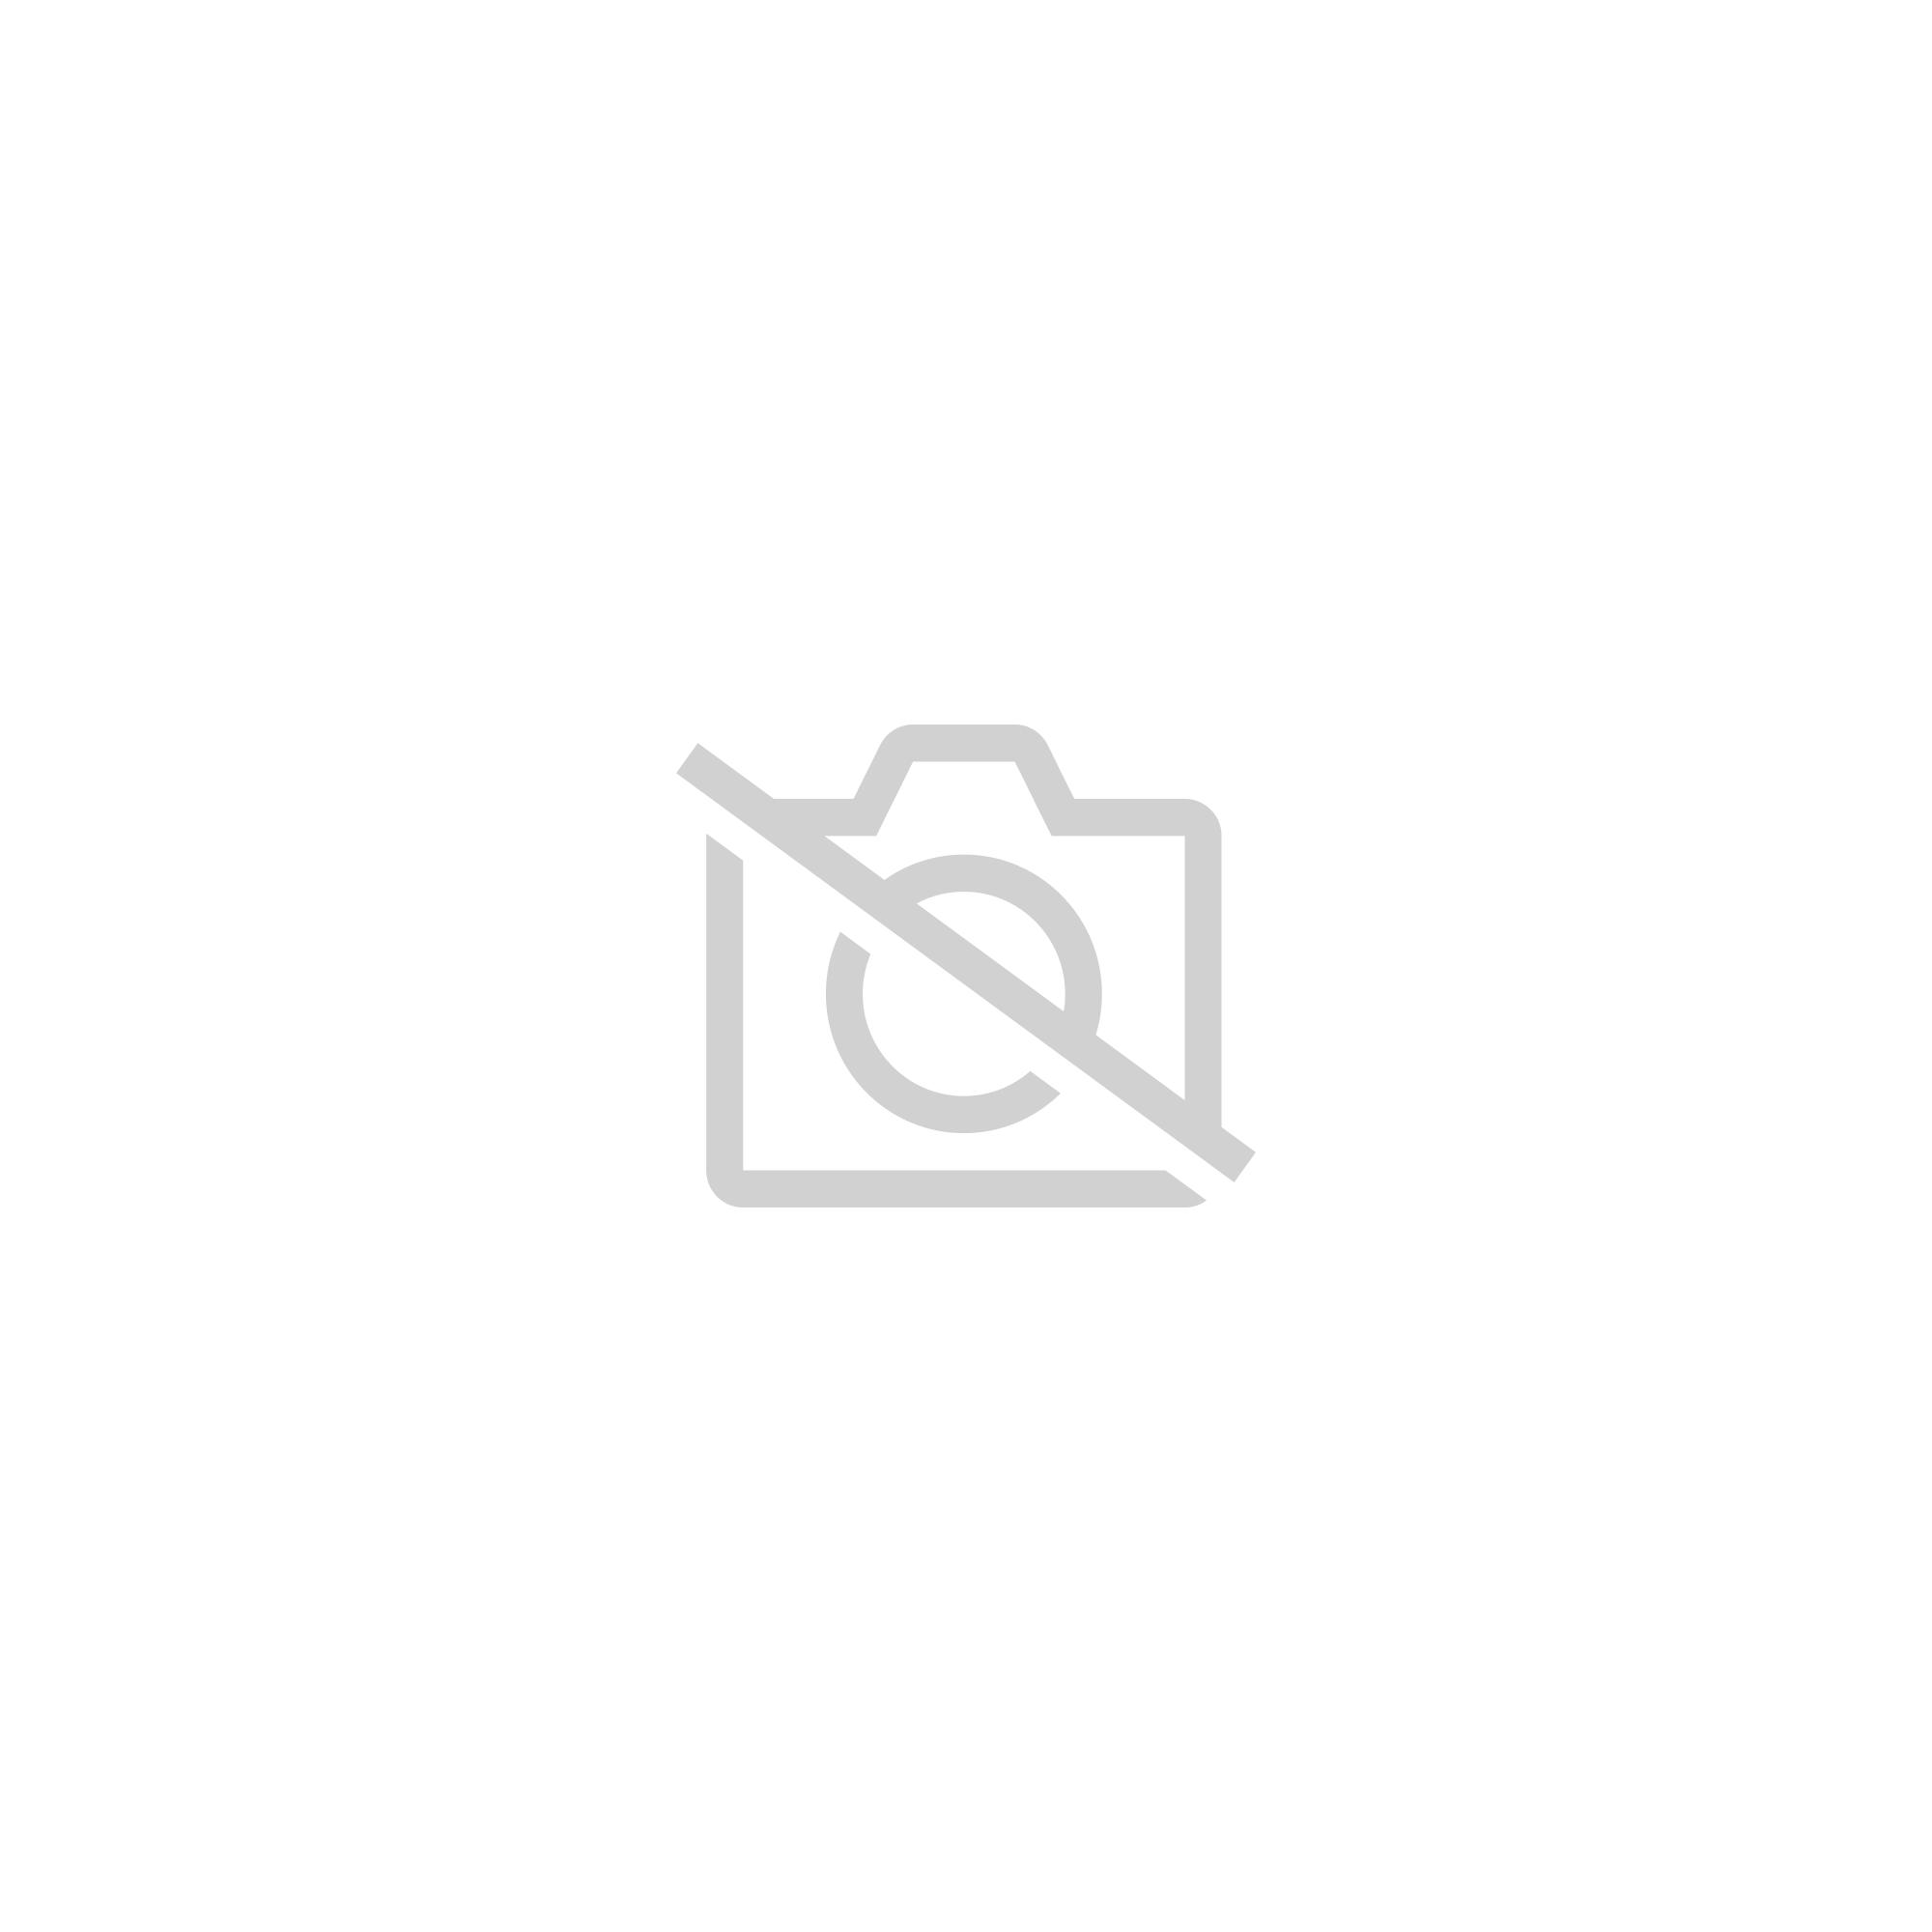 Ghost - The Popstar Tour 2017 / Zombi - 60x80cm - AFFICHE / POSTER envoi en tube